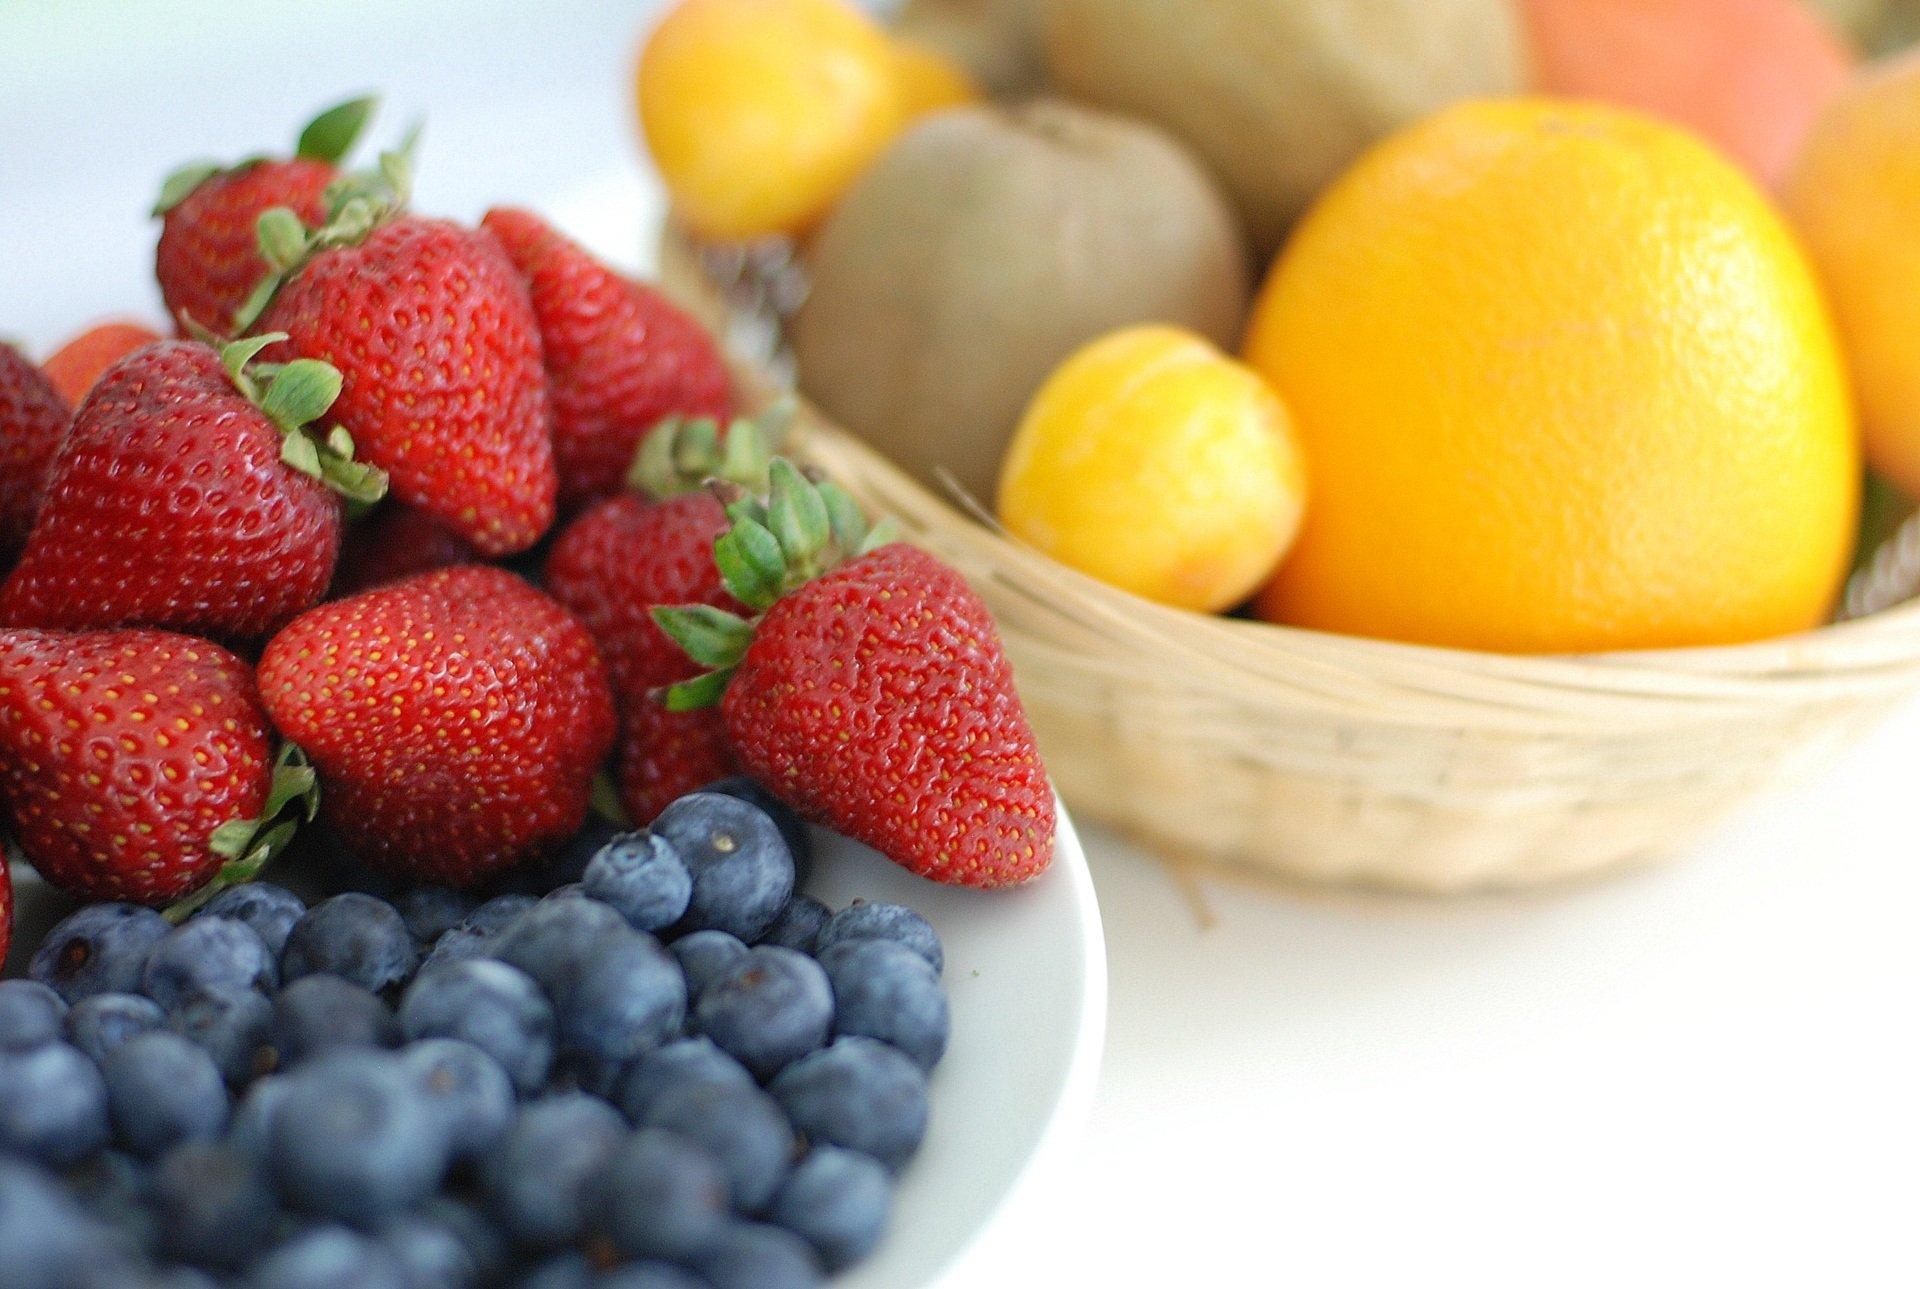 Fester Bestandteil einer gesunden Ernährung und leckere Zutat für Smoothies: Frisches Obst und Gemüse